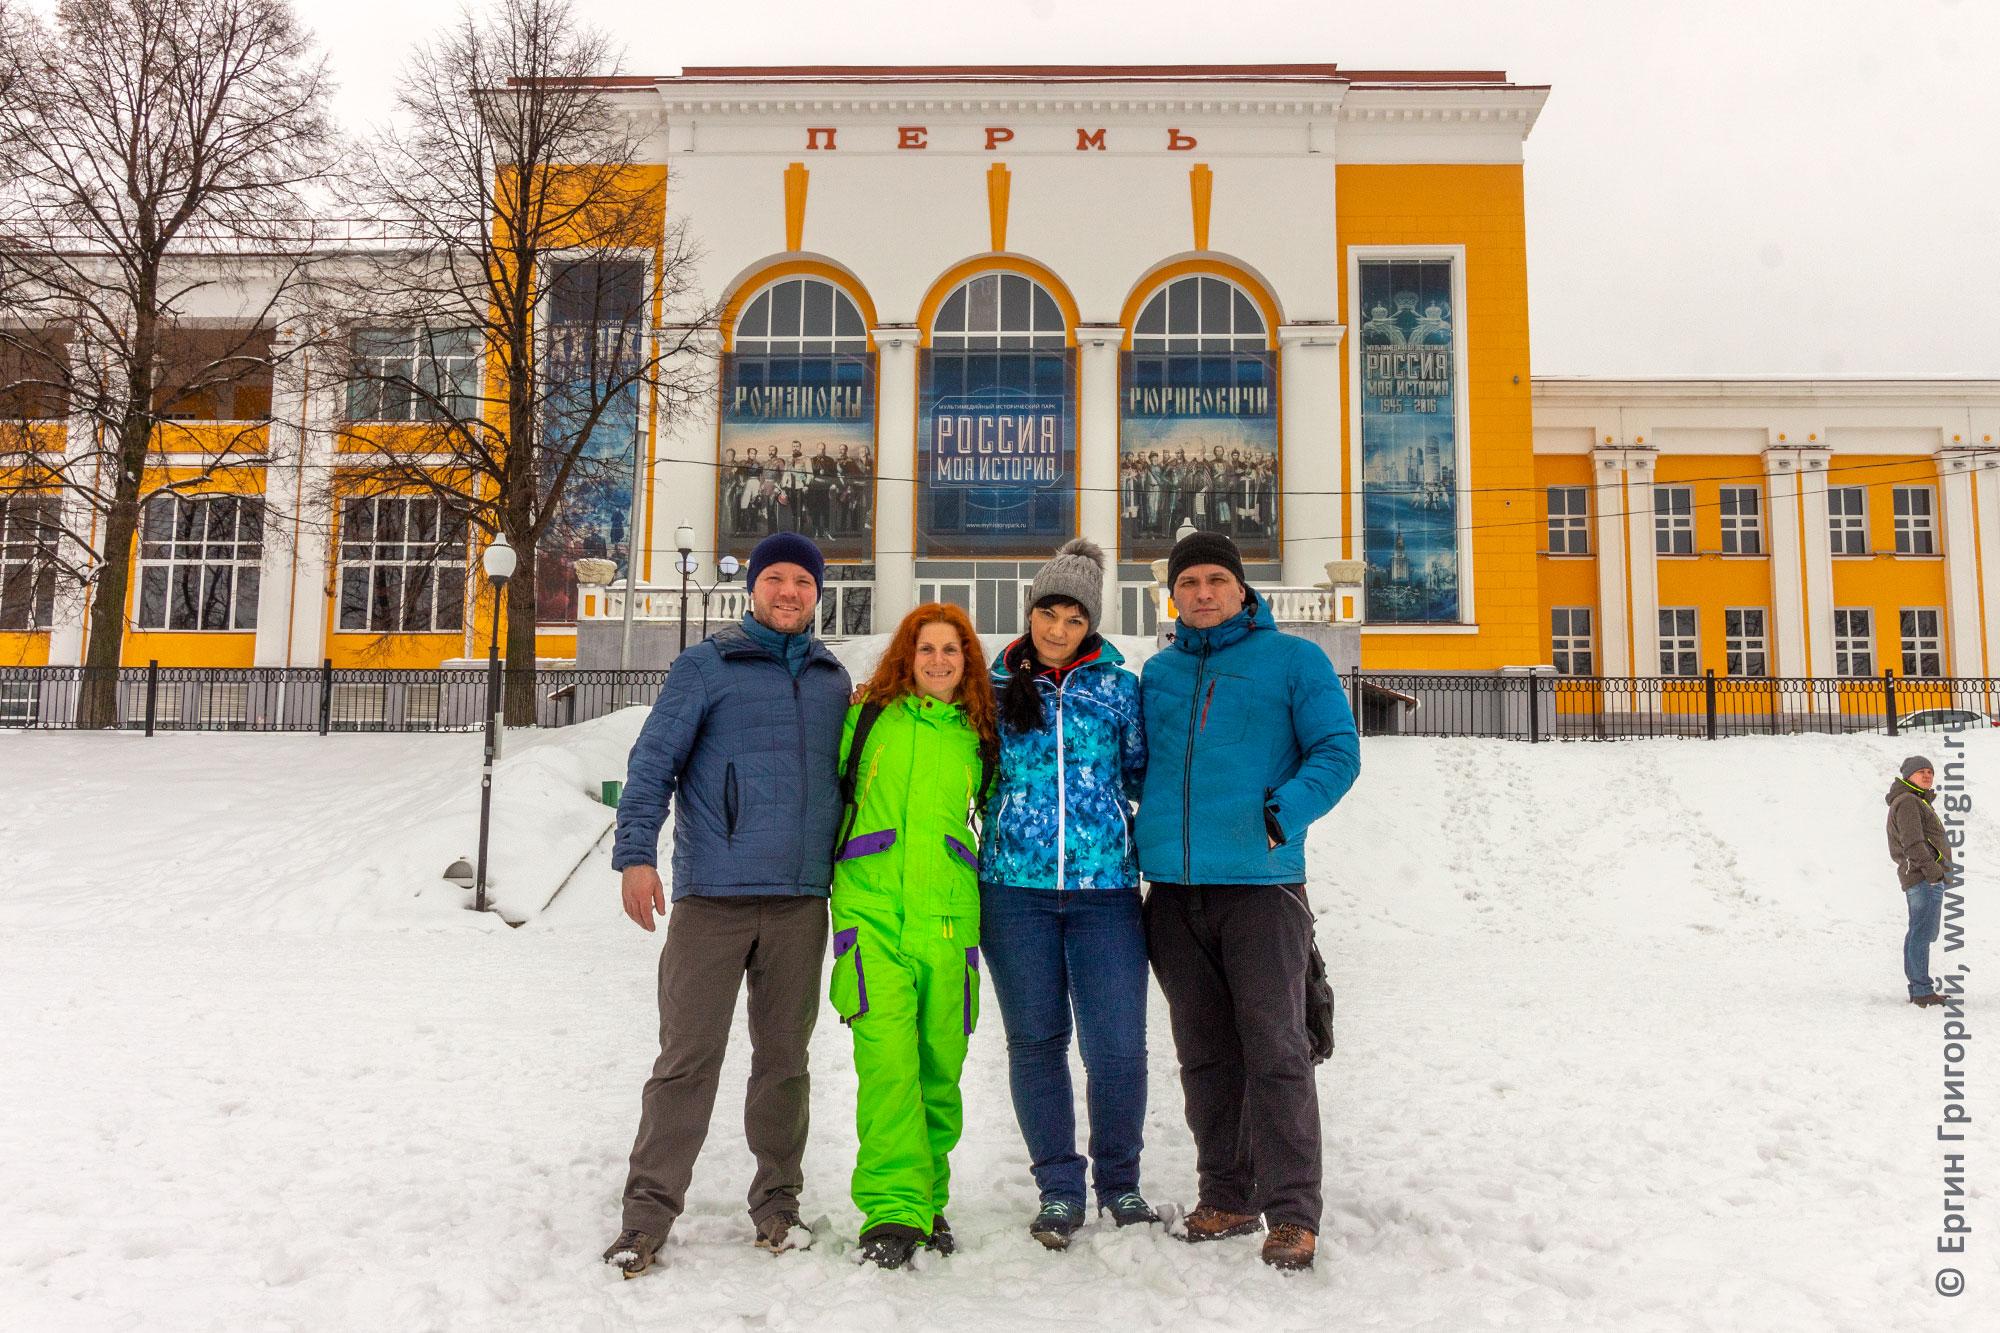 Пермь, здание речного вокзала